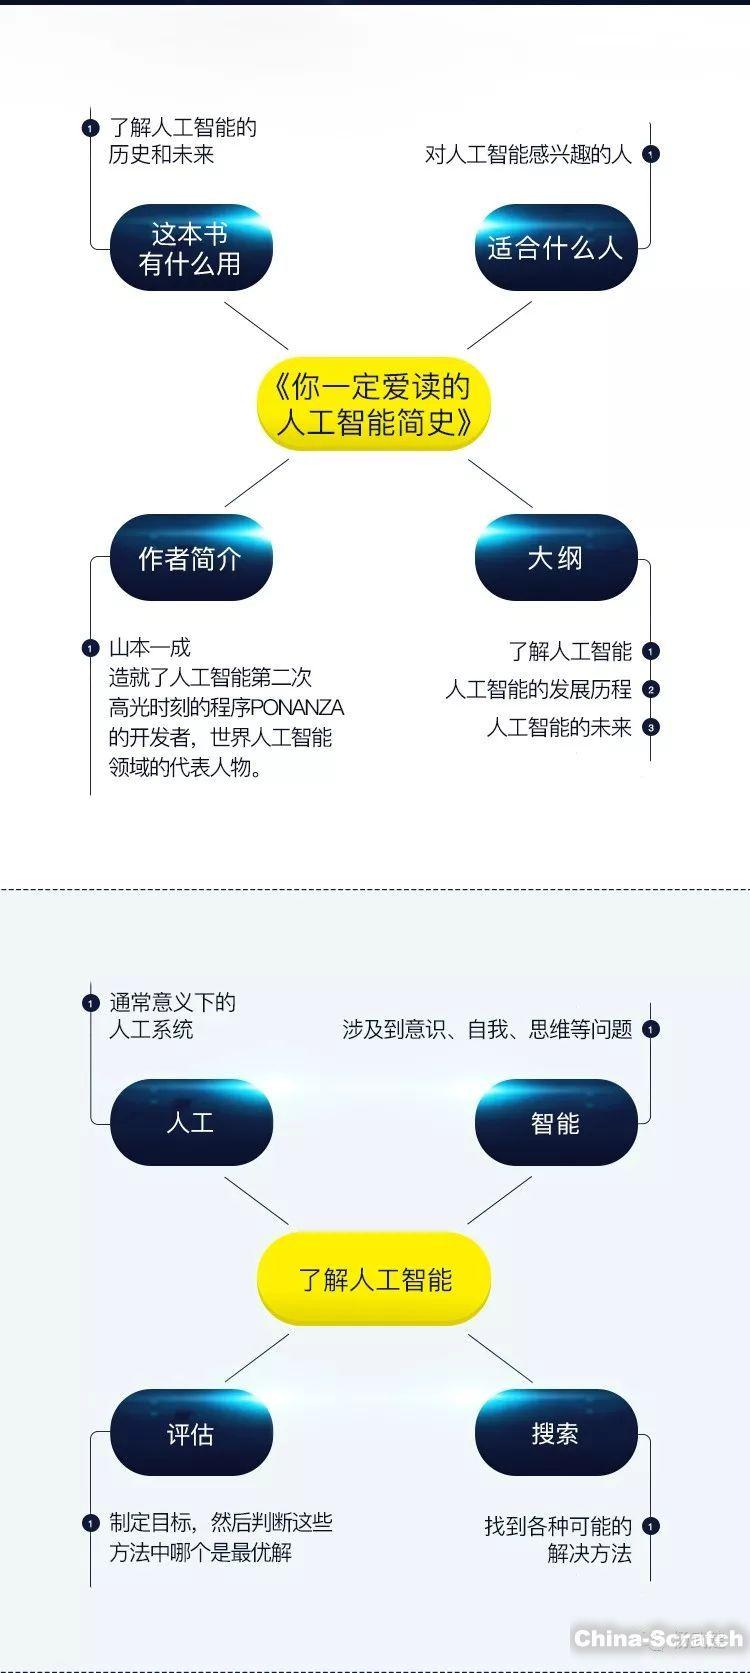 https://www.china-scratch.com/Uploads/timg/190912/12314L501-2.jpg